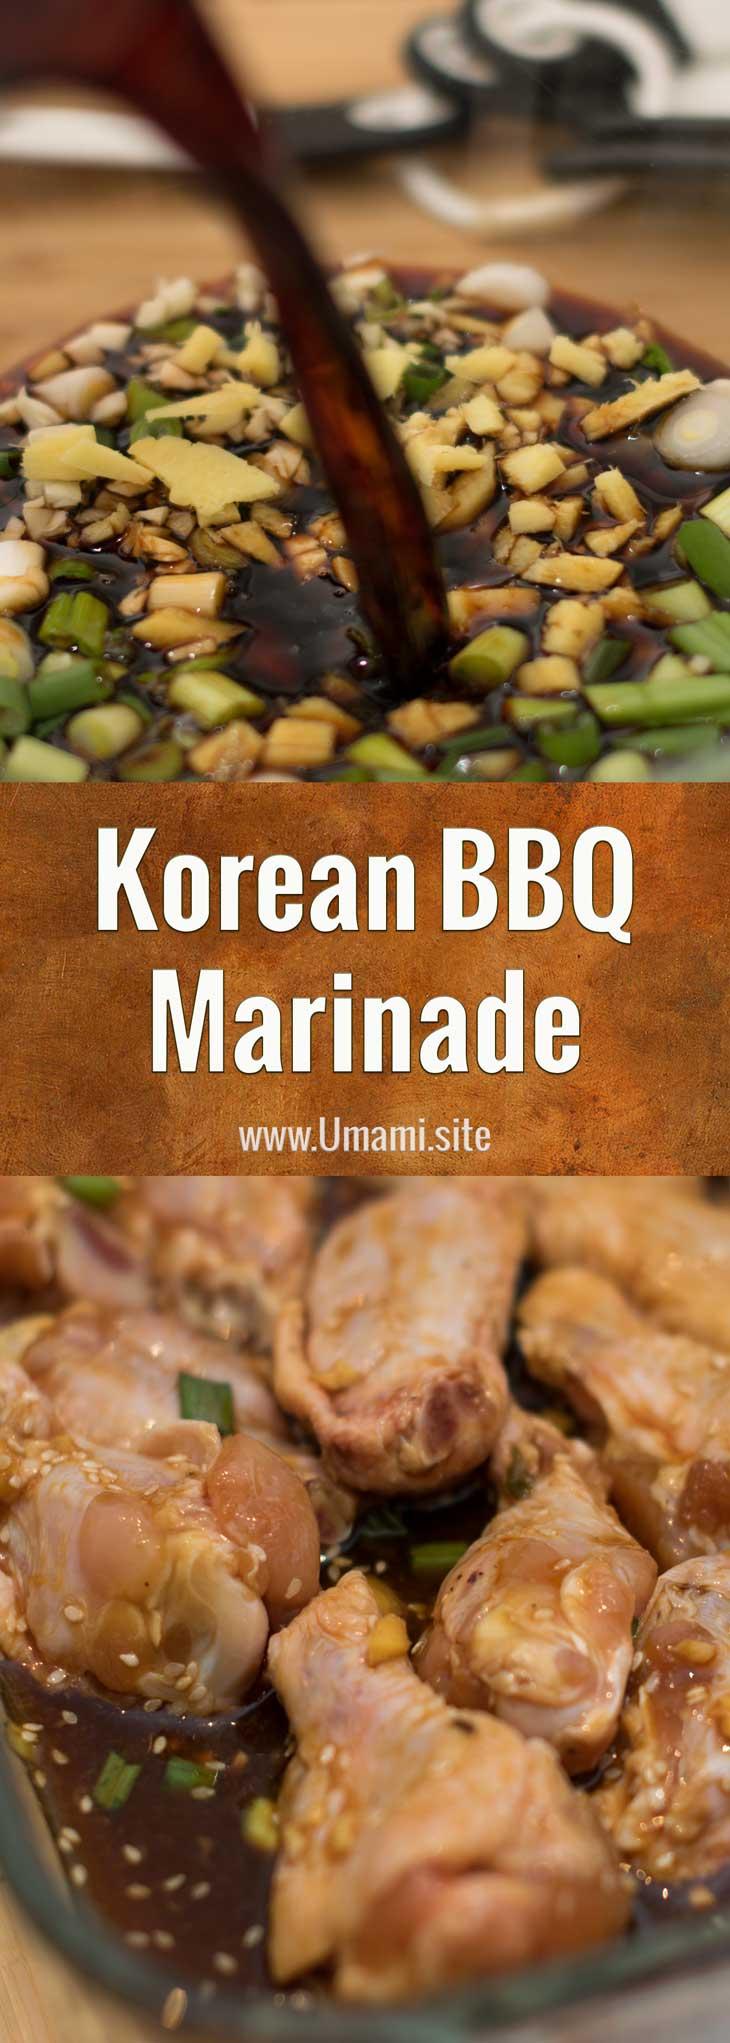 Korean BBQ Marinade Recipe Pinterest